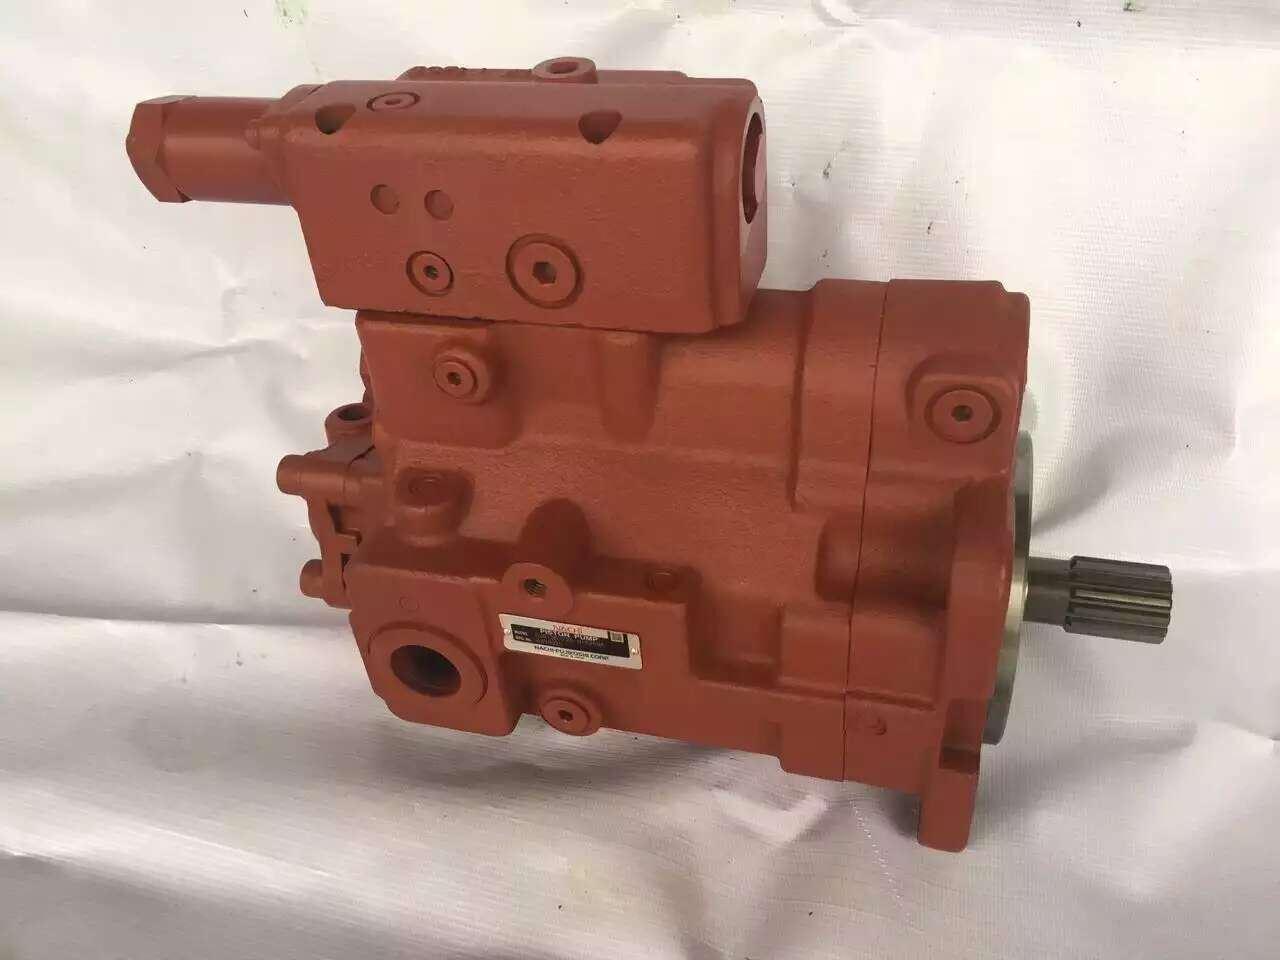 Pvk-3b-725 NACHI Small Hydraulic Pump